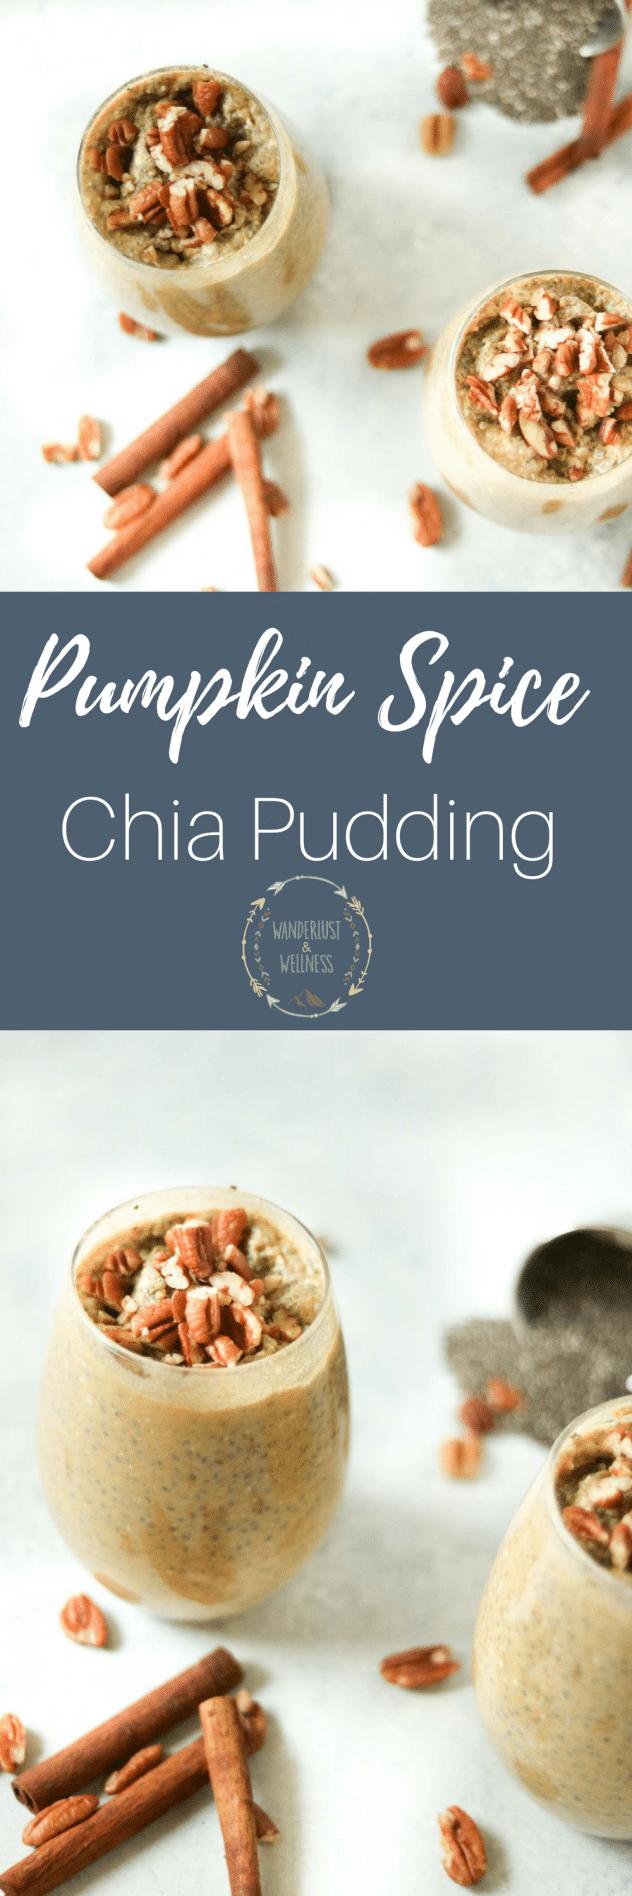 pumpkin spice chia pudding